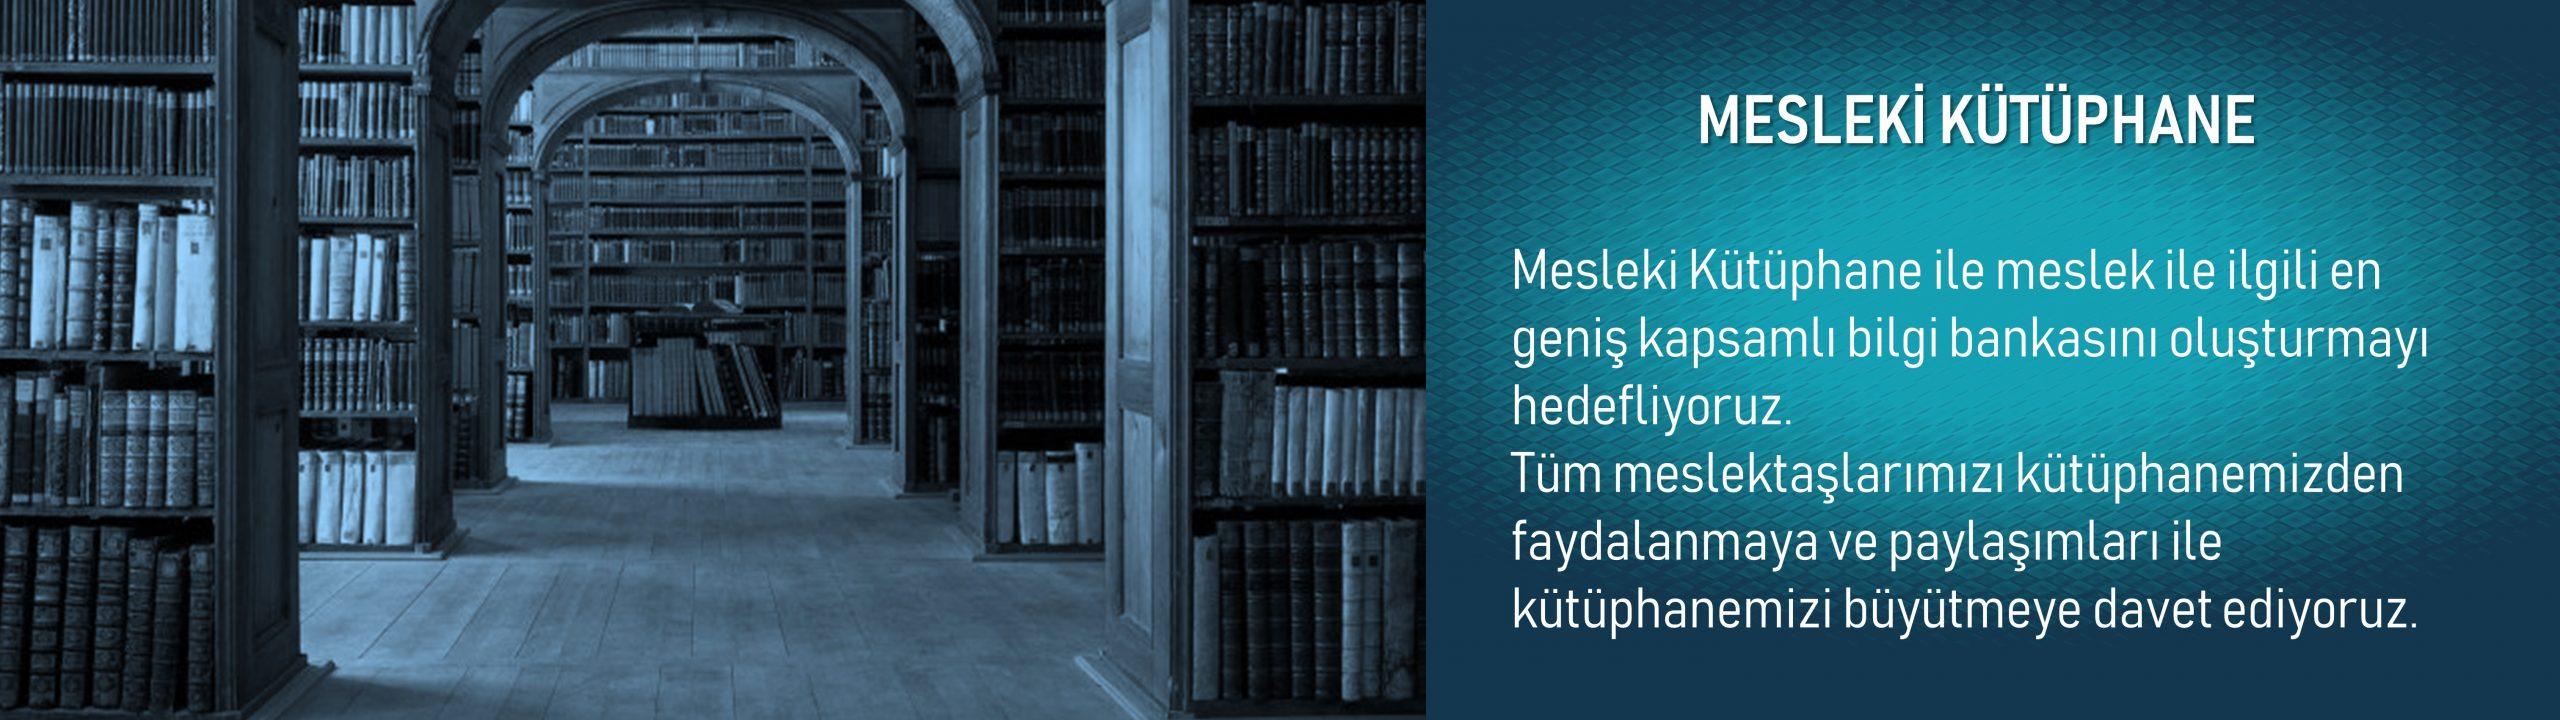 Mesleki Kütüphane